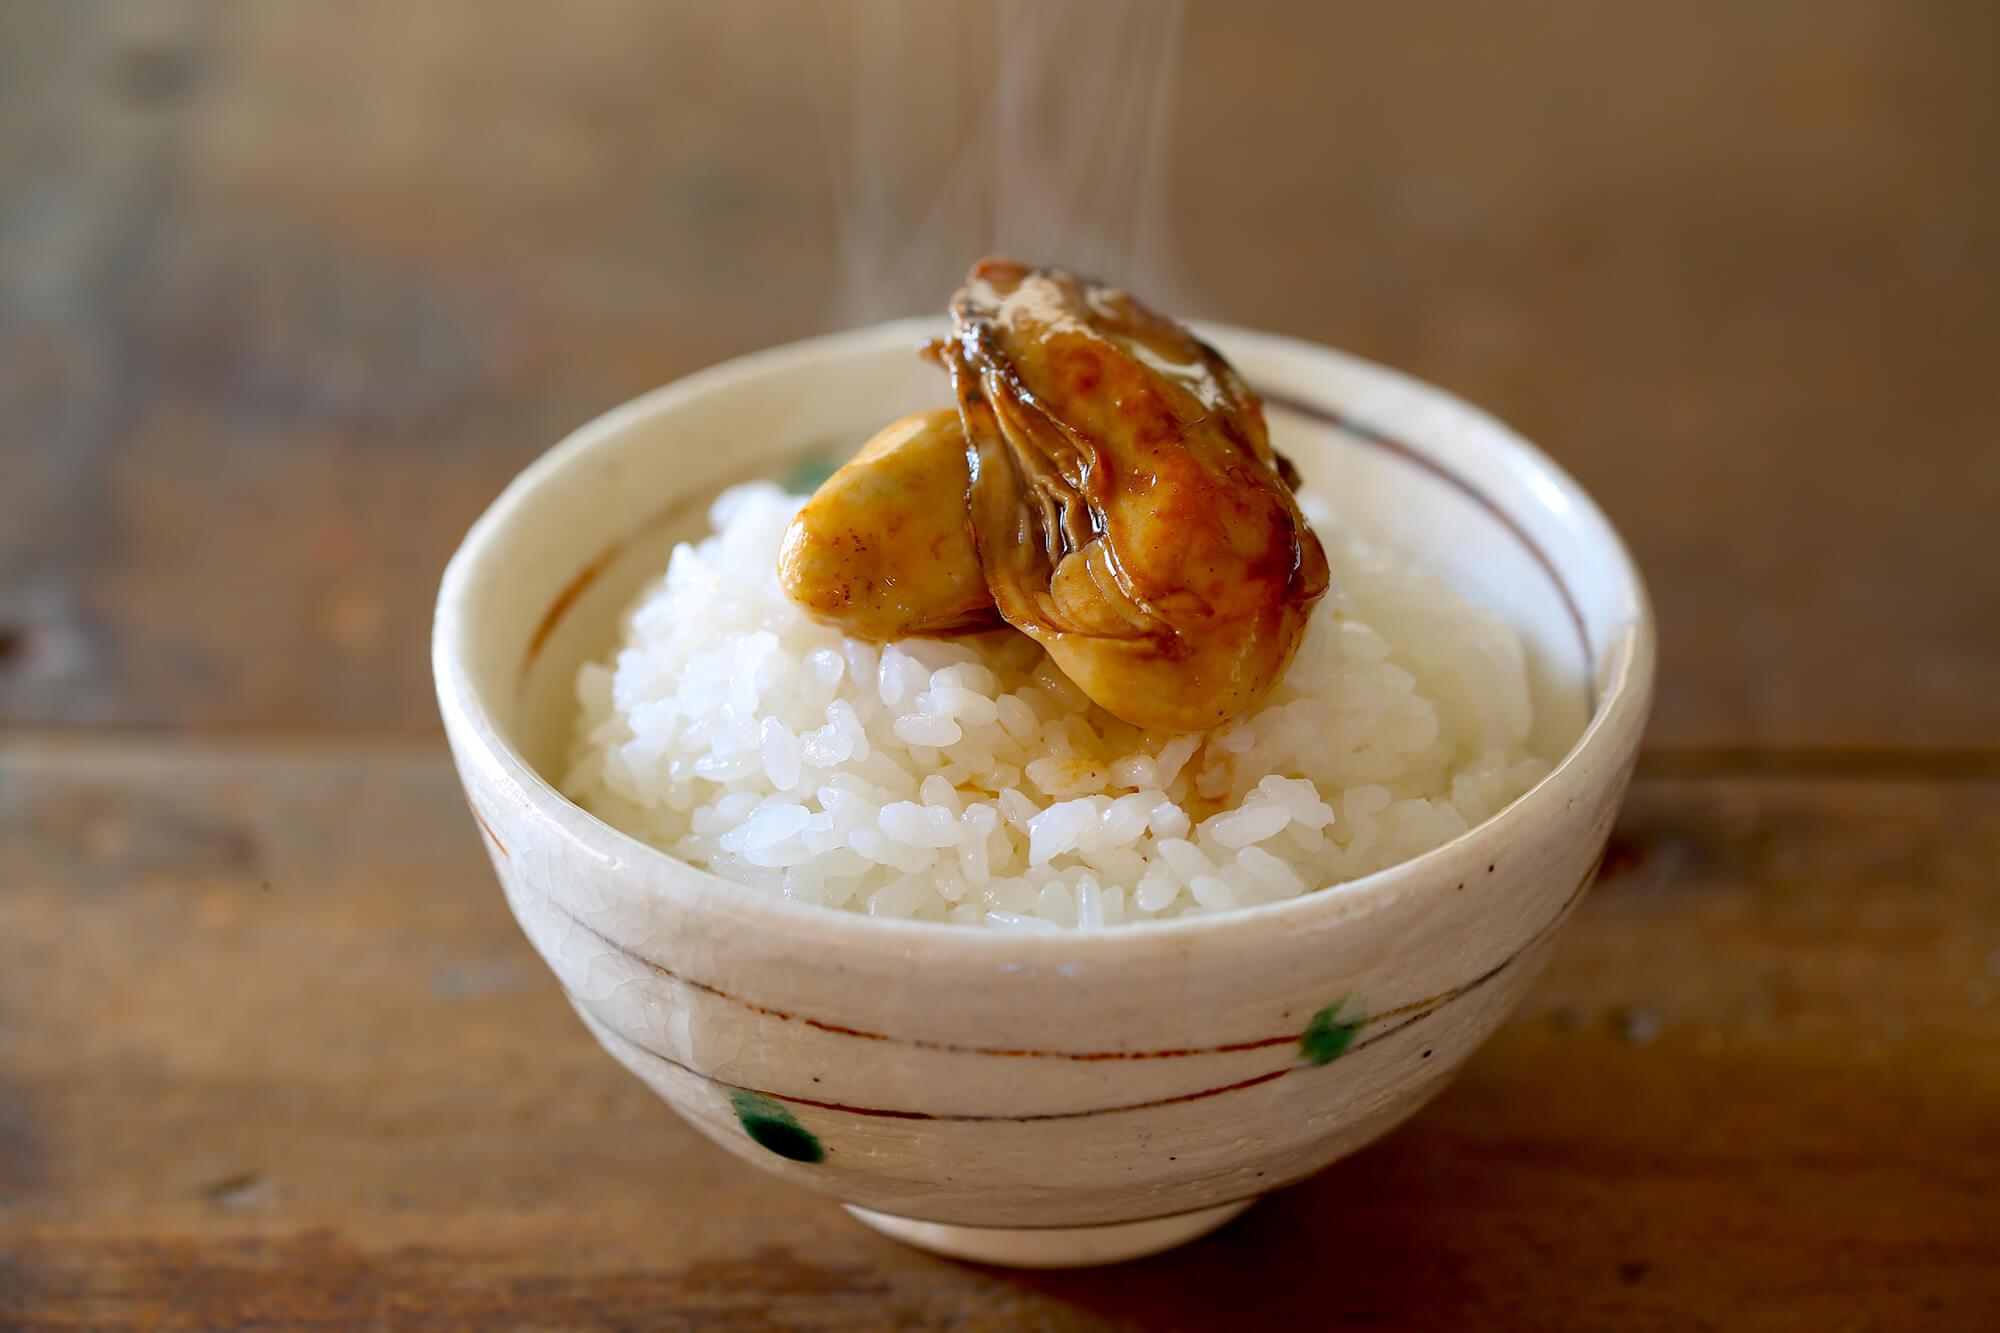 フードプロデューサー河瀬璃菜が考案!ごはんにぴったりな冬のおかず「カキのしびれオイル煮」!